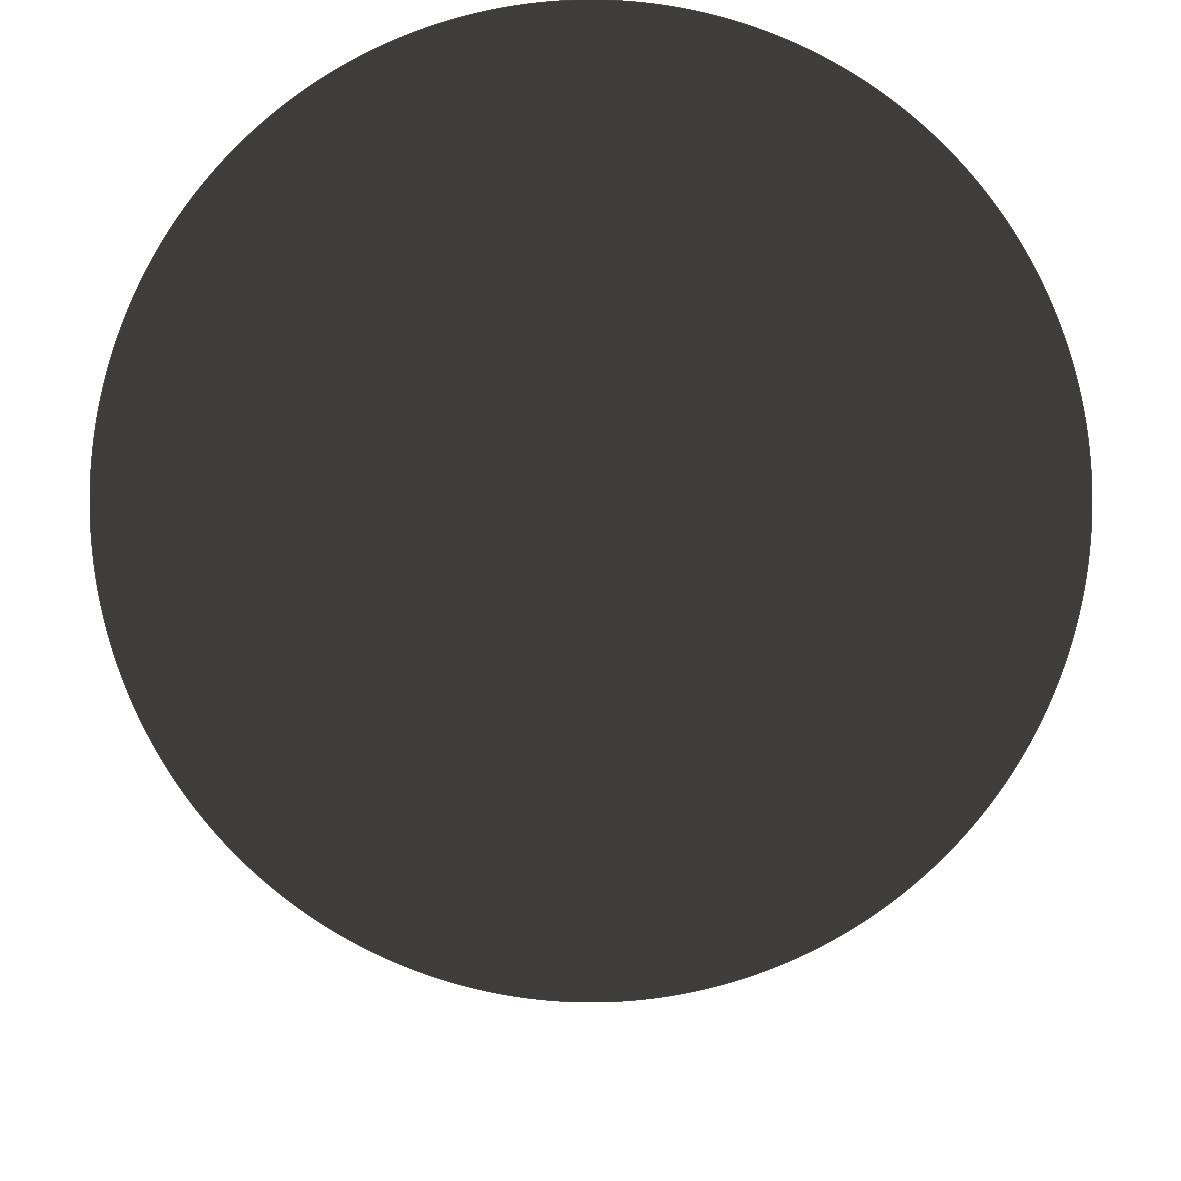 C.I. Black 7(Black) -